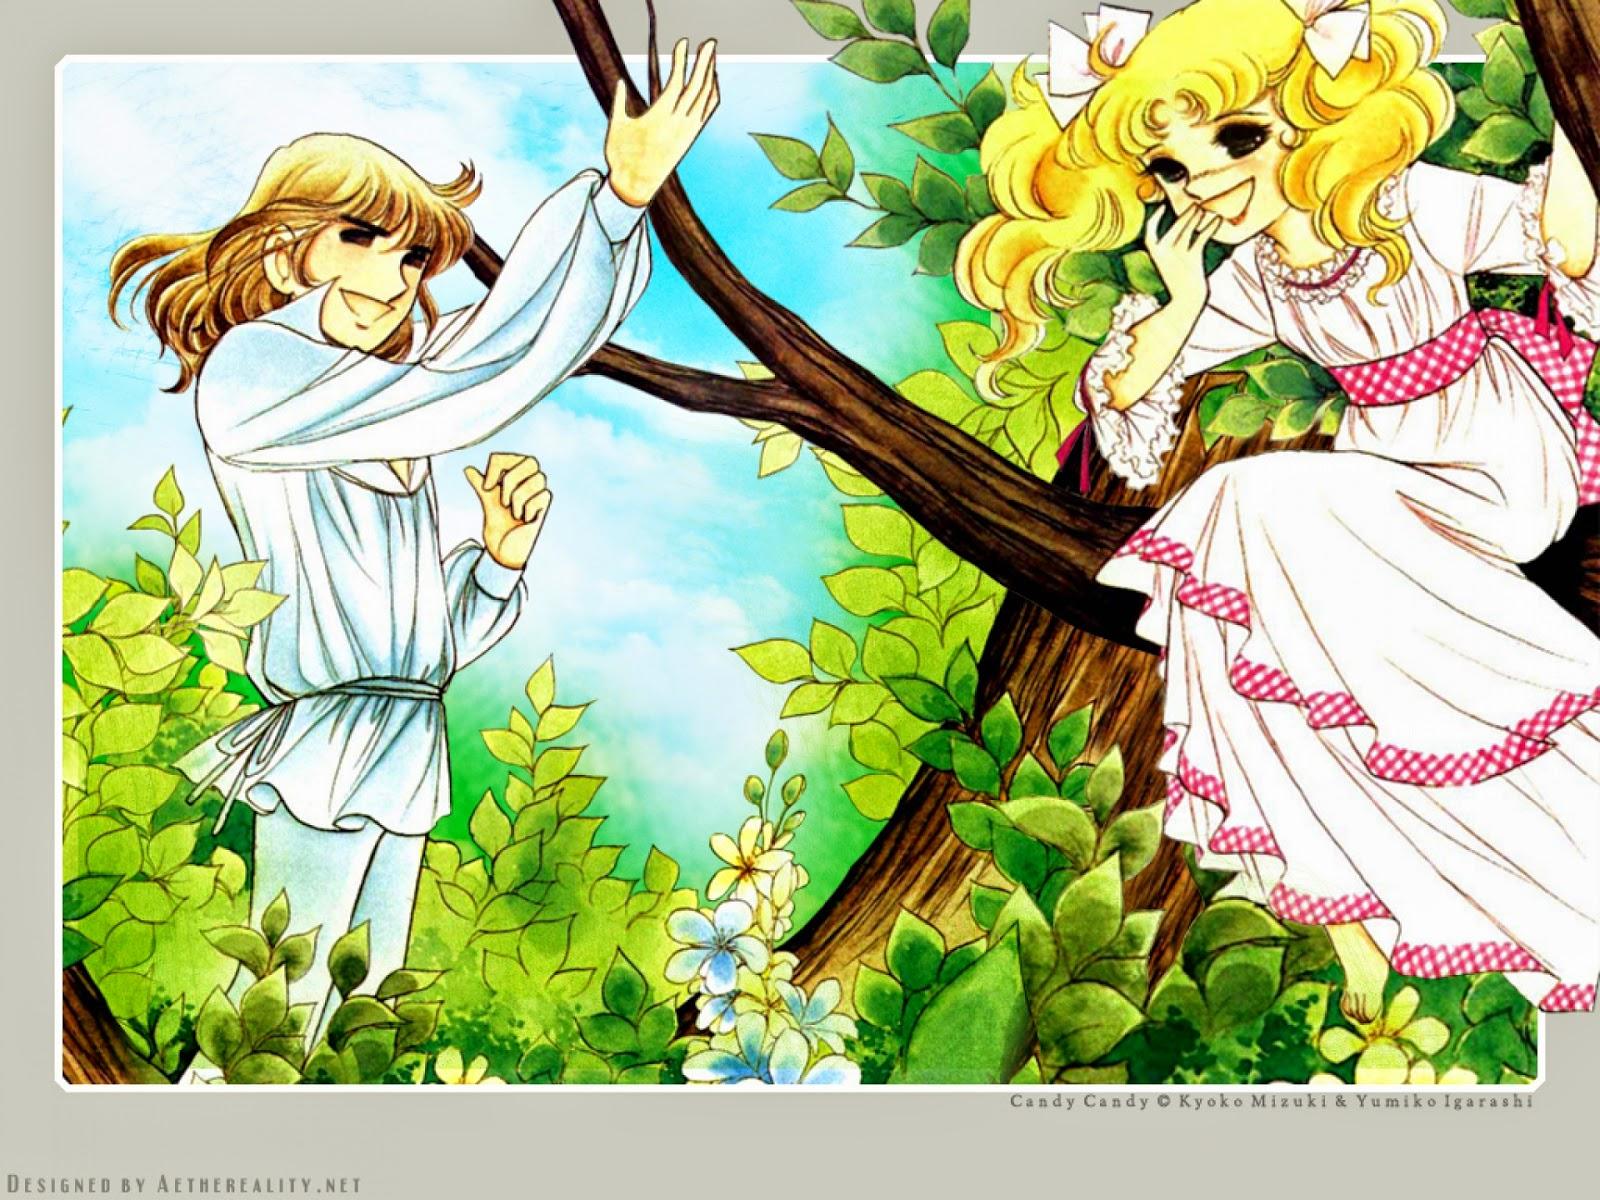 Bonbons Bonbons Y Terry Fond D Ecran Hd Fond D Ecran De Bonbons 1600x1200 Wallpapertip